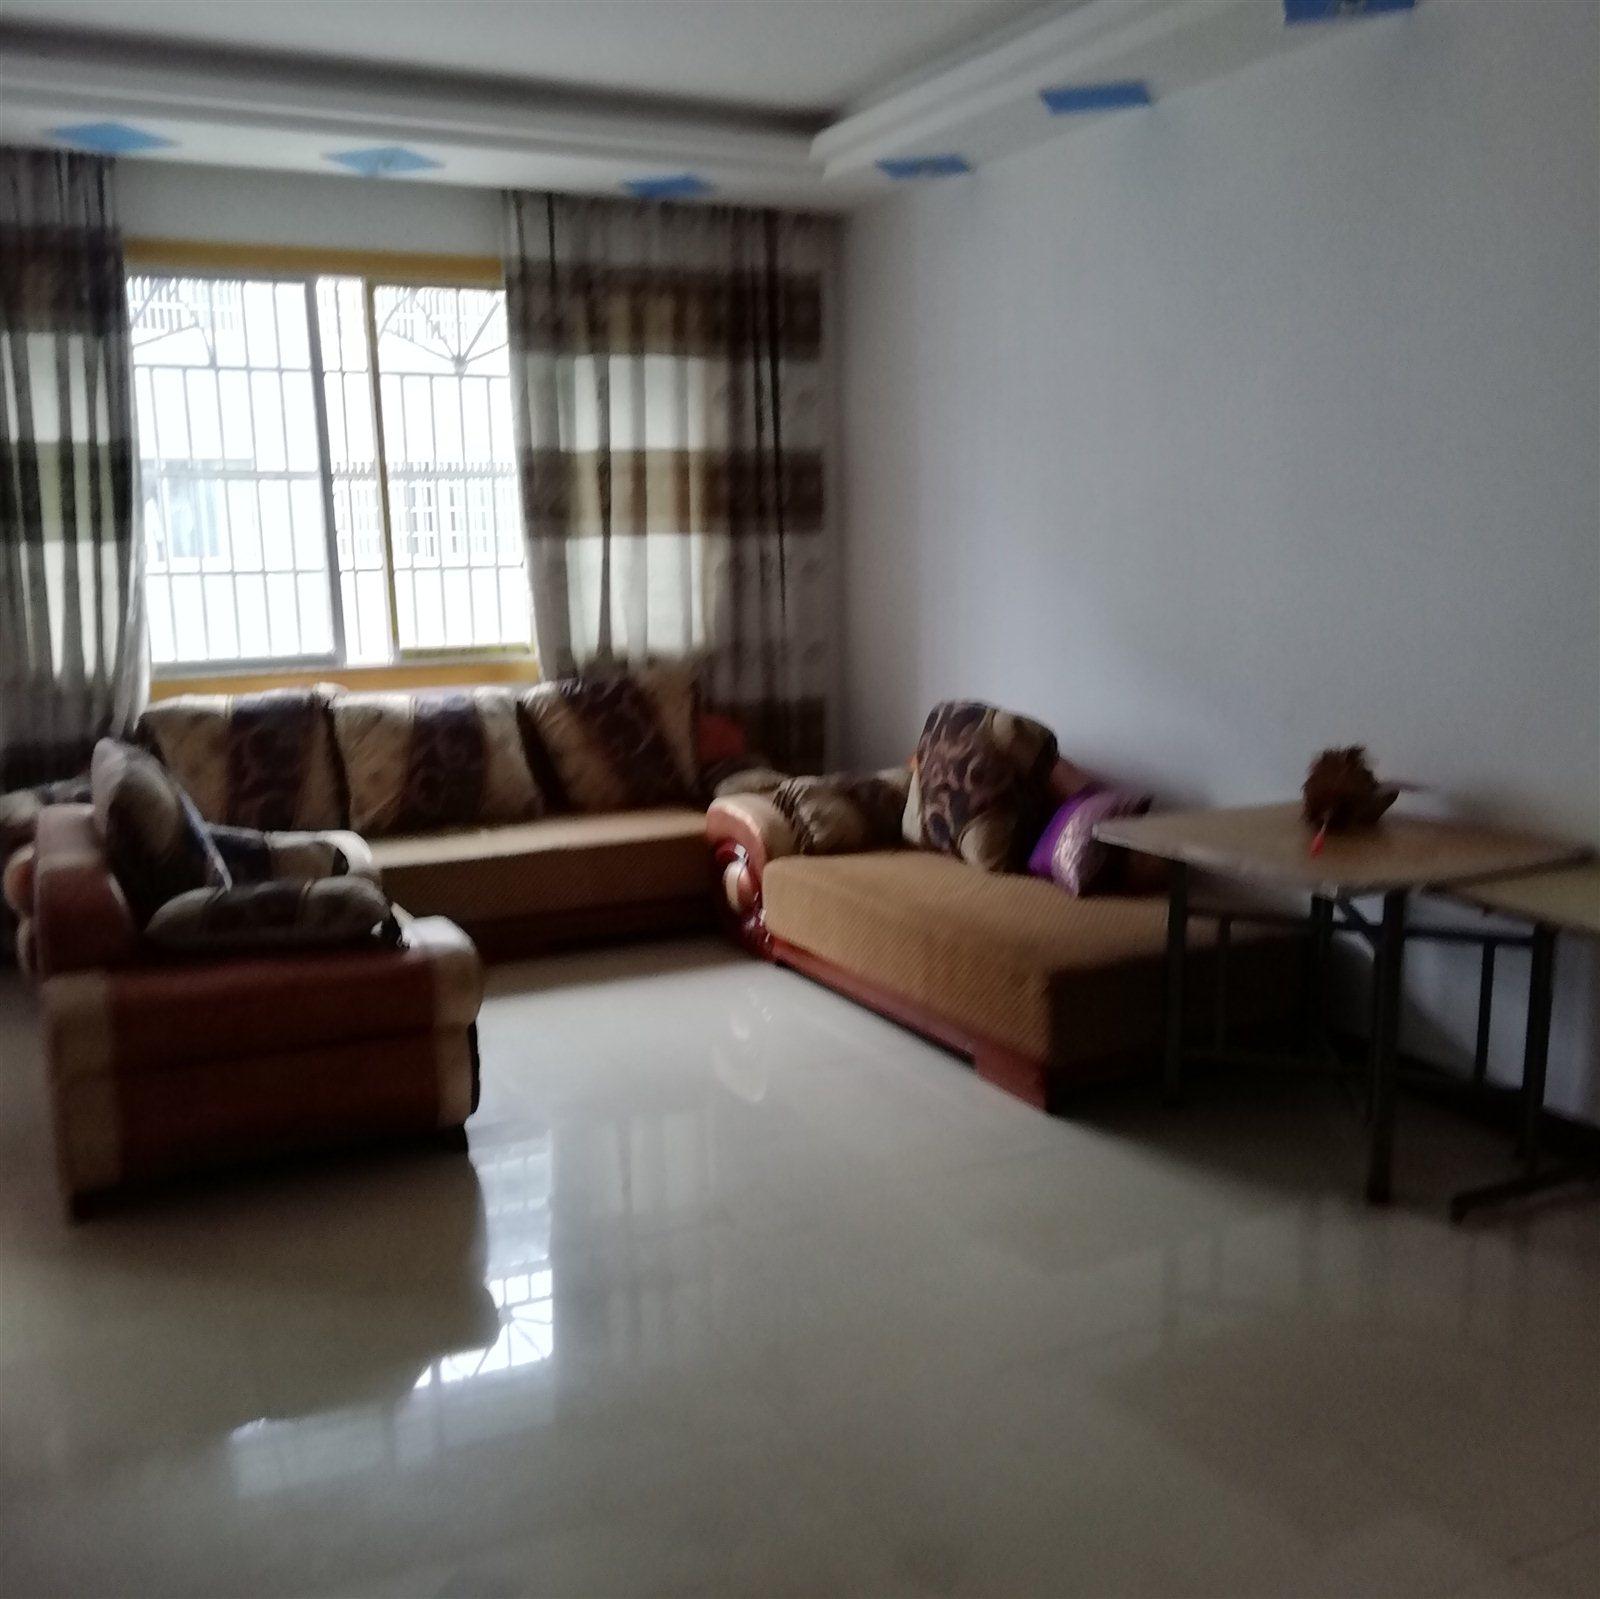 黄家坝移民街3室 2厅 2卫31.8万元